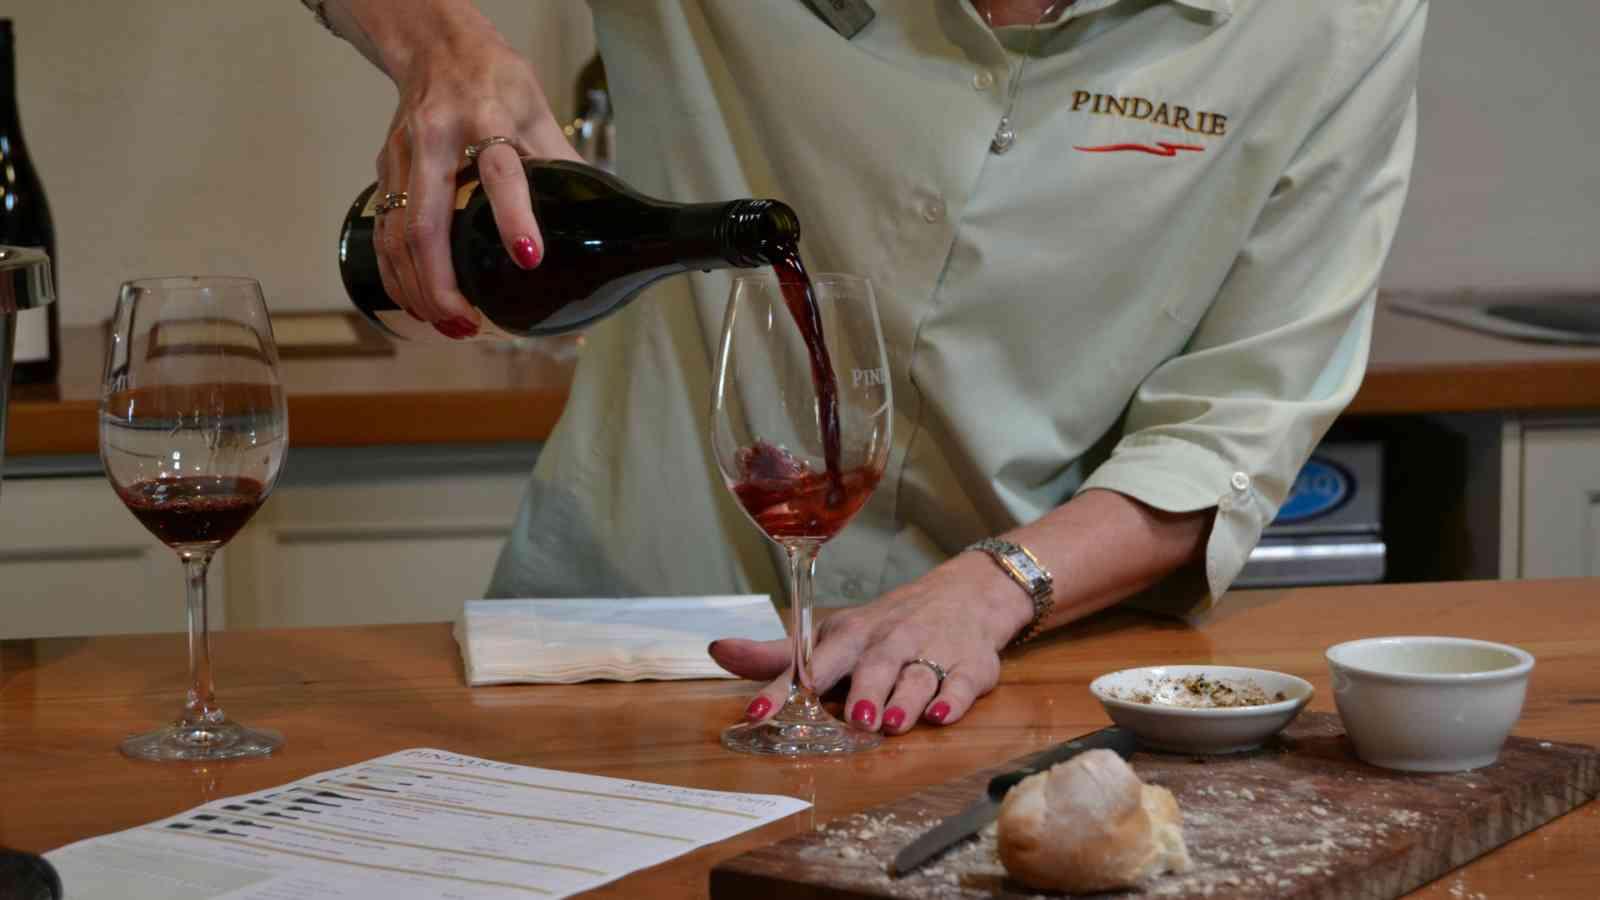 Barossa Pindarie Wine